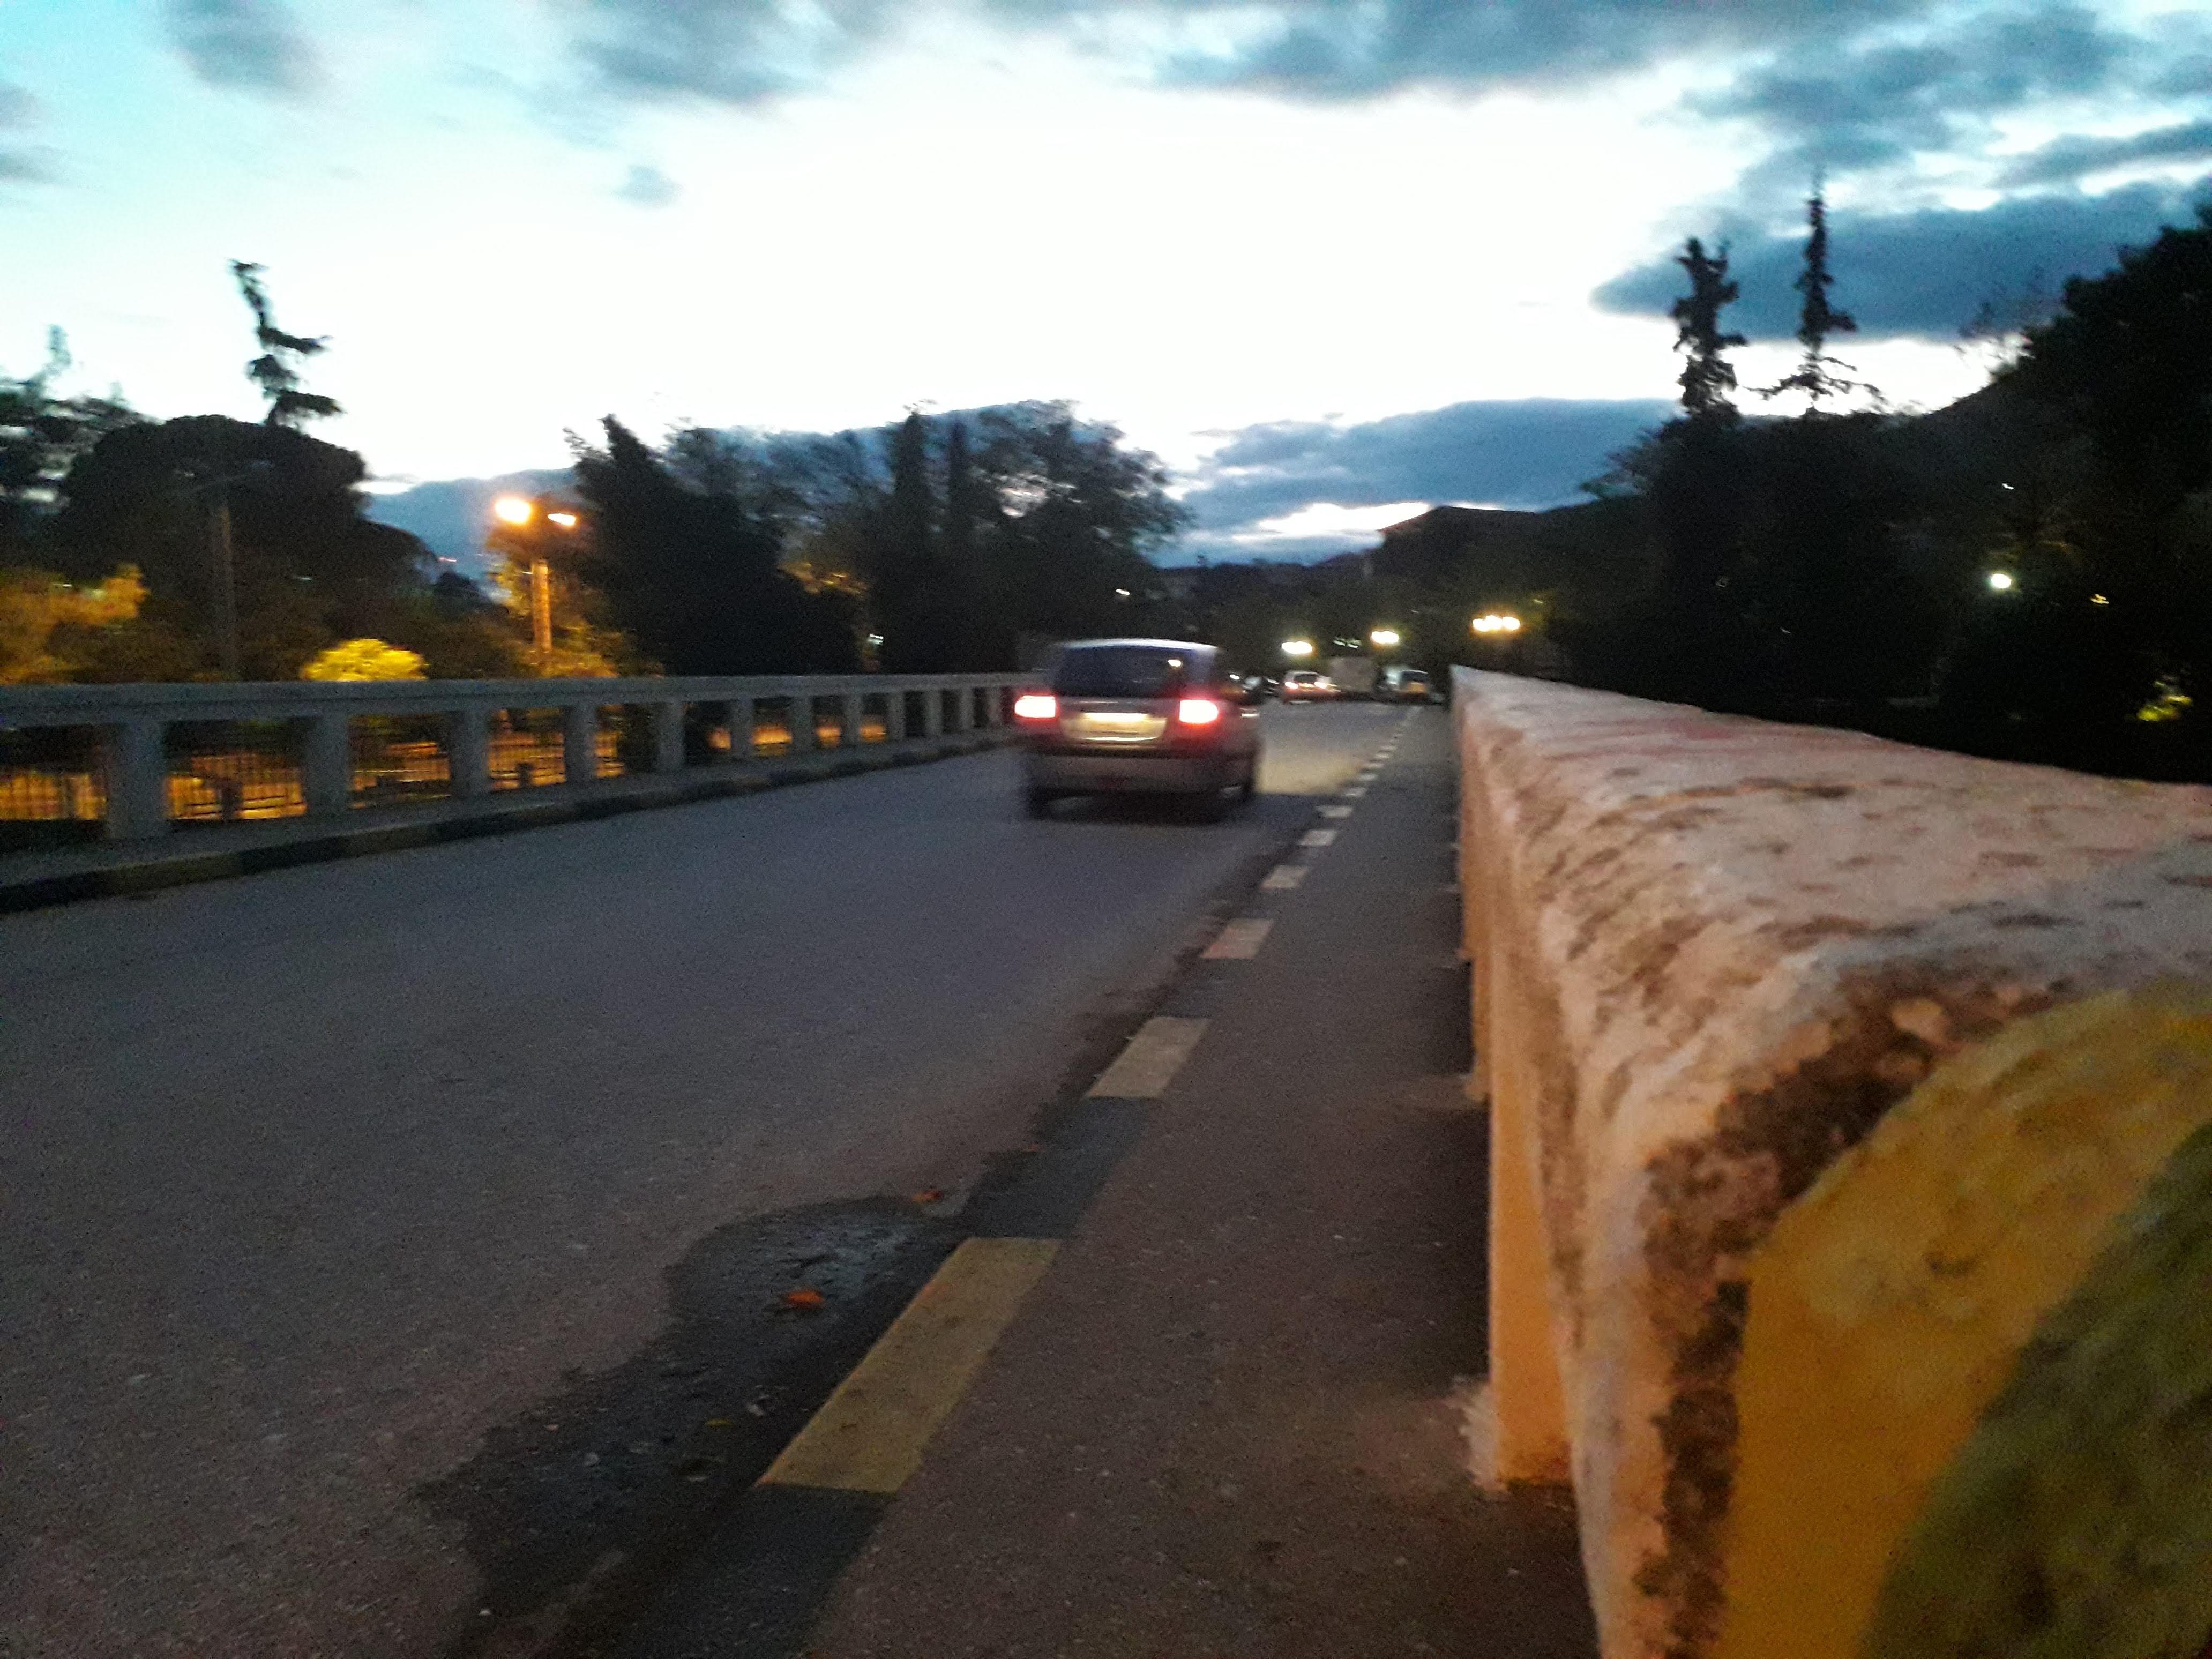 Απαγόρευση κυκλοφορίας: Προσοχή - Τι αλλάζει